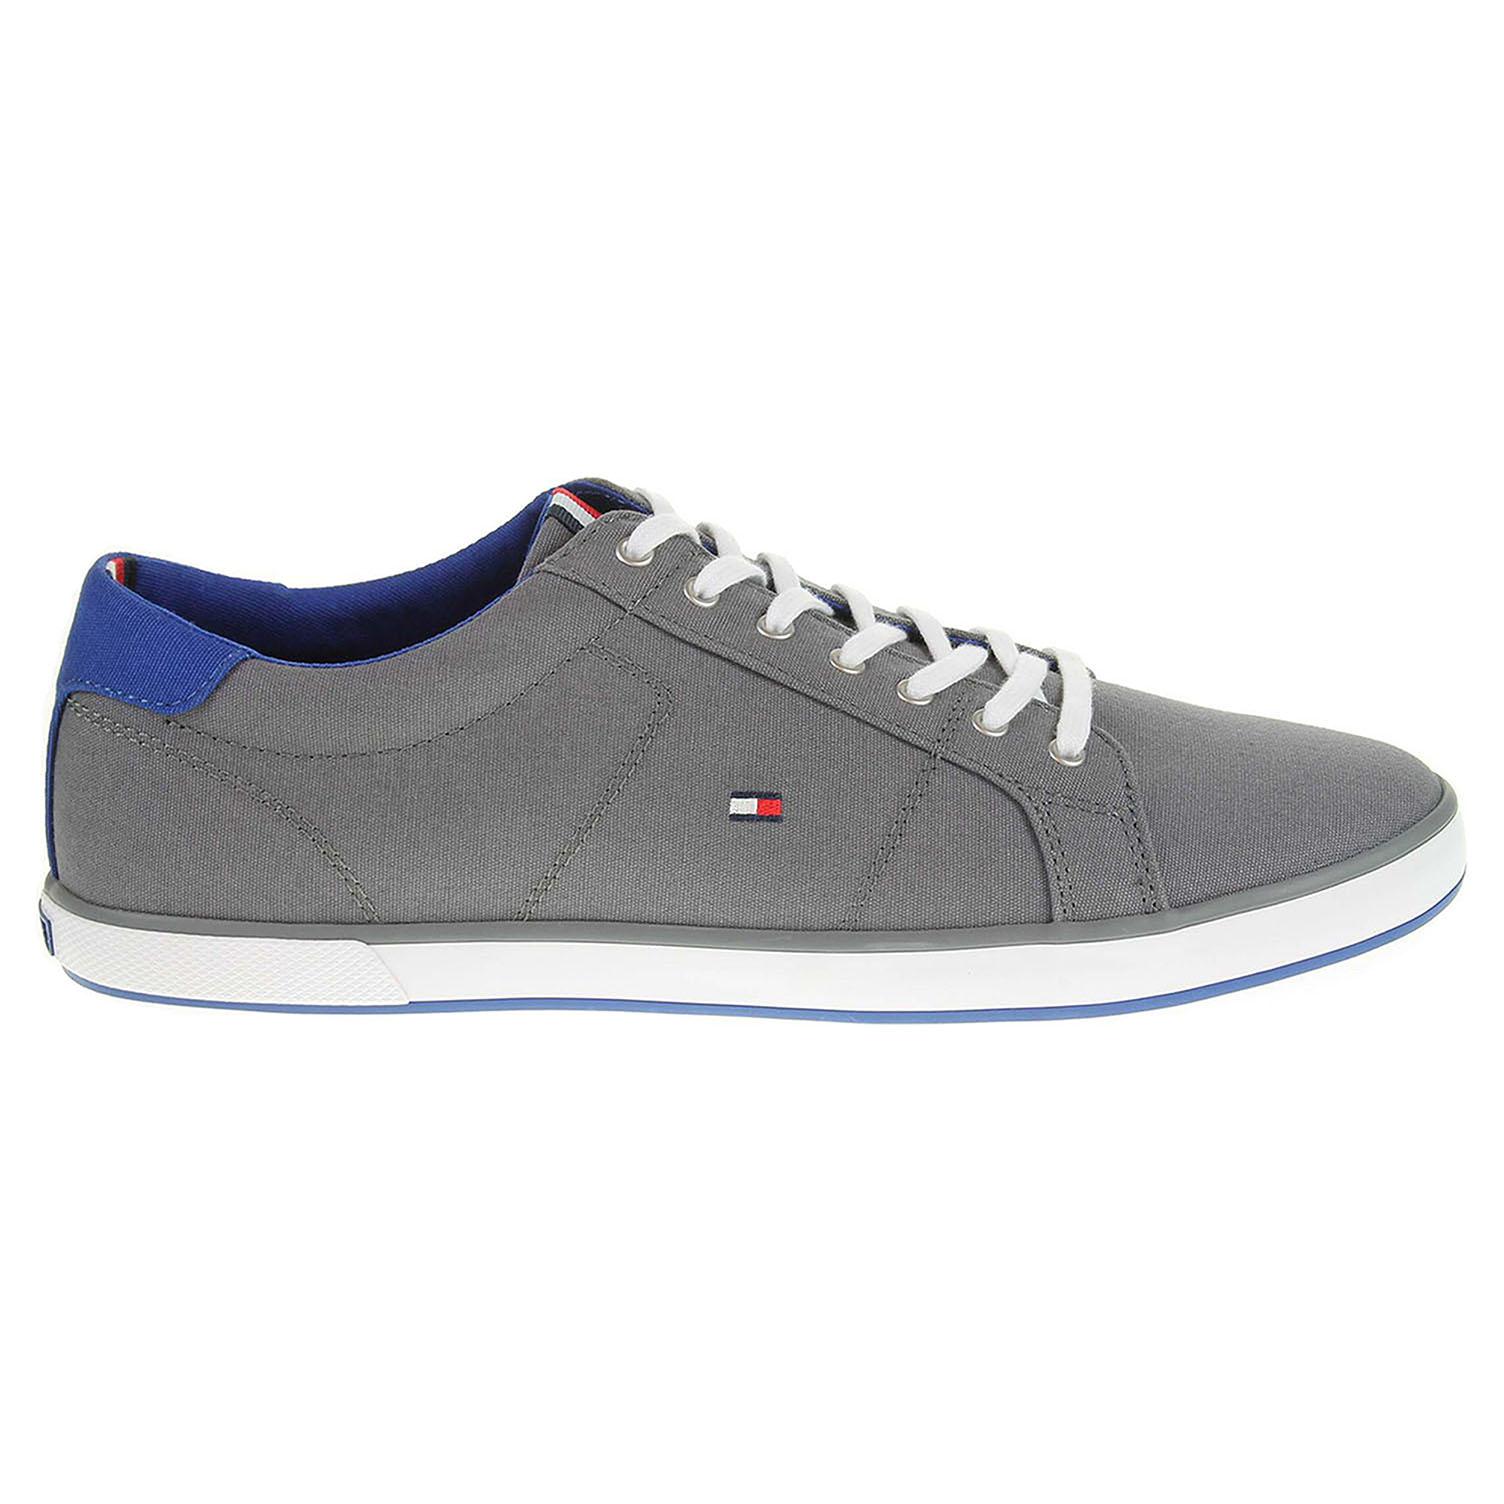 d78124fa55 detail Tommy Hilfiger pánská obuv FM0FM00596 H2285ARLOW 1D šedá